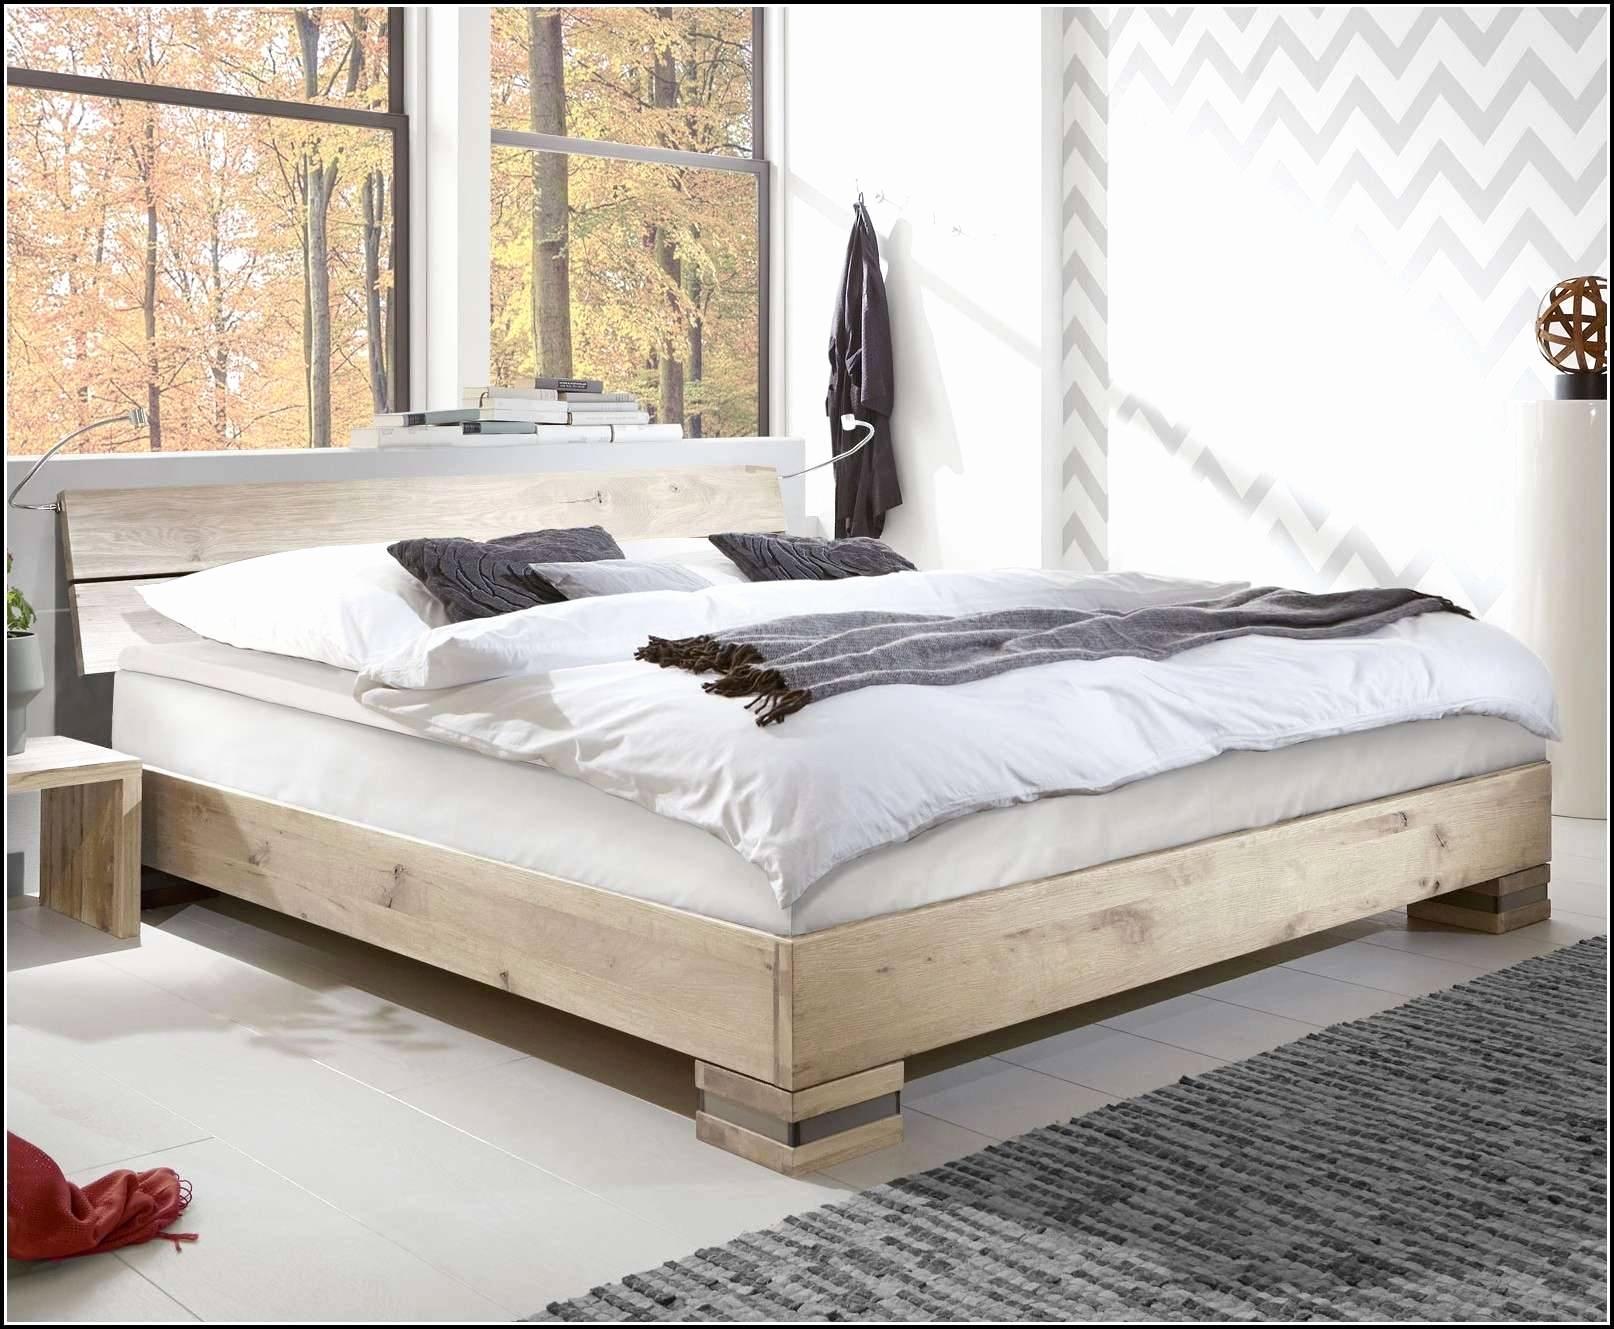 Full Size of Poco Betten Bett 160x200 Holz Moebel De Trends 140x200 Weiß Günstige Günstig Kaufen Breckle Amazon 180x200 Musterring Weiße Hasena 200x200 Bett Poco Betten